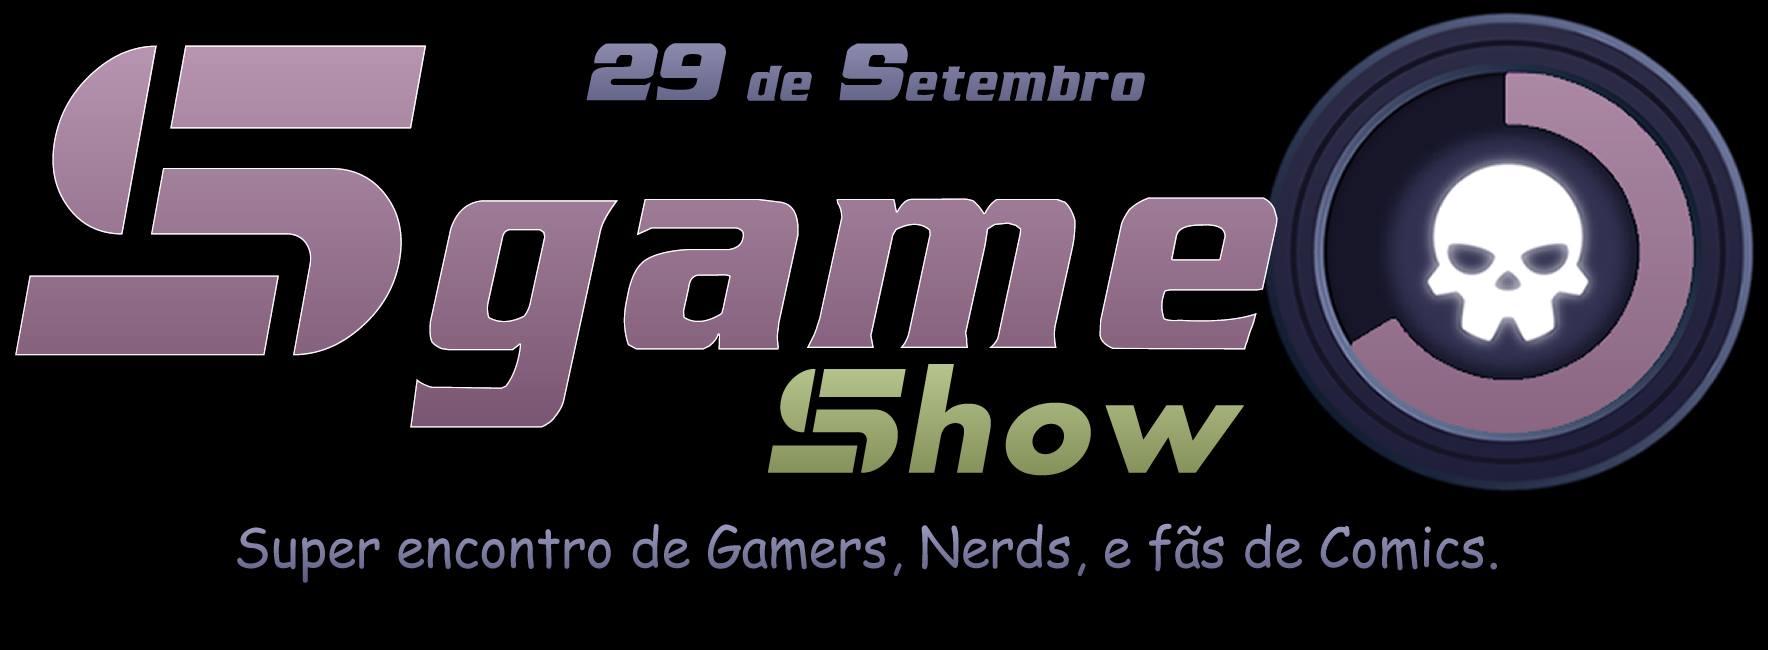 sgame show